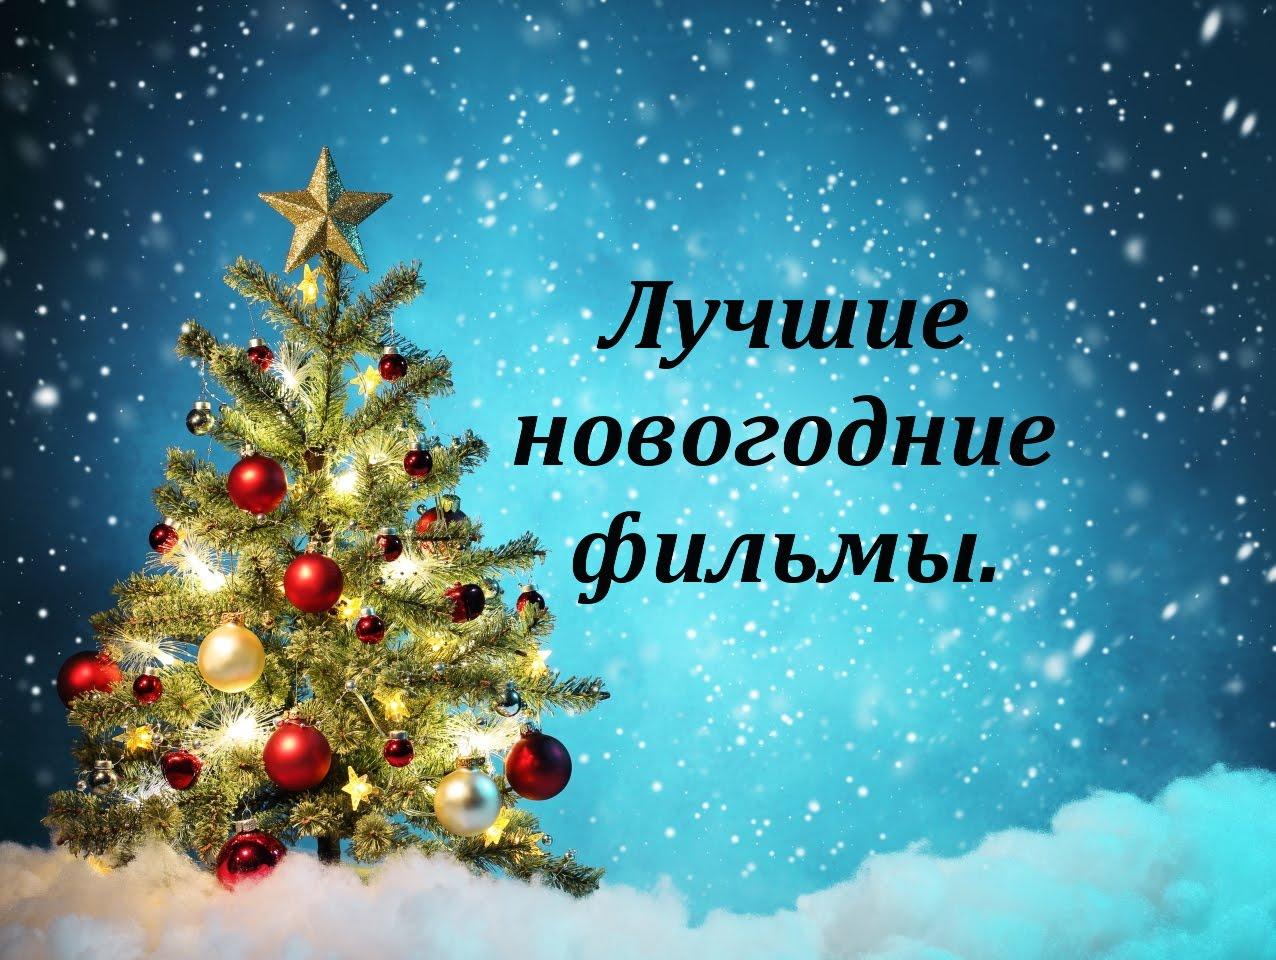 Фильм про новый год и рождество русские комедии